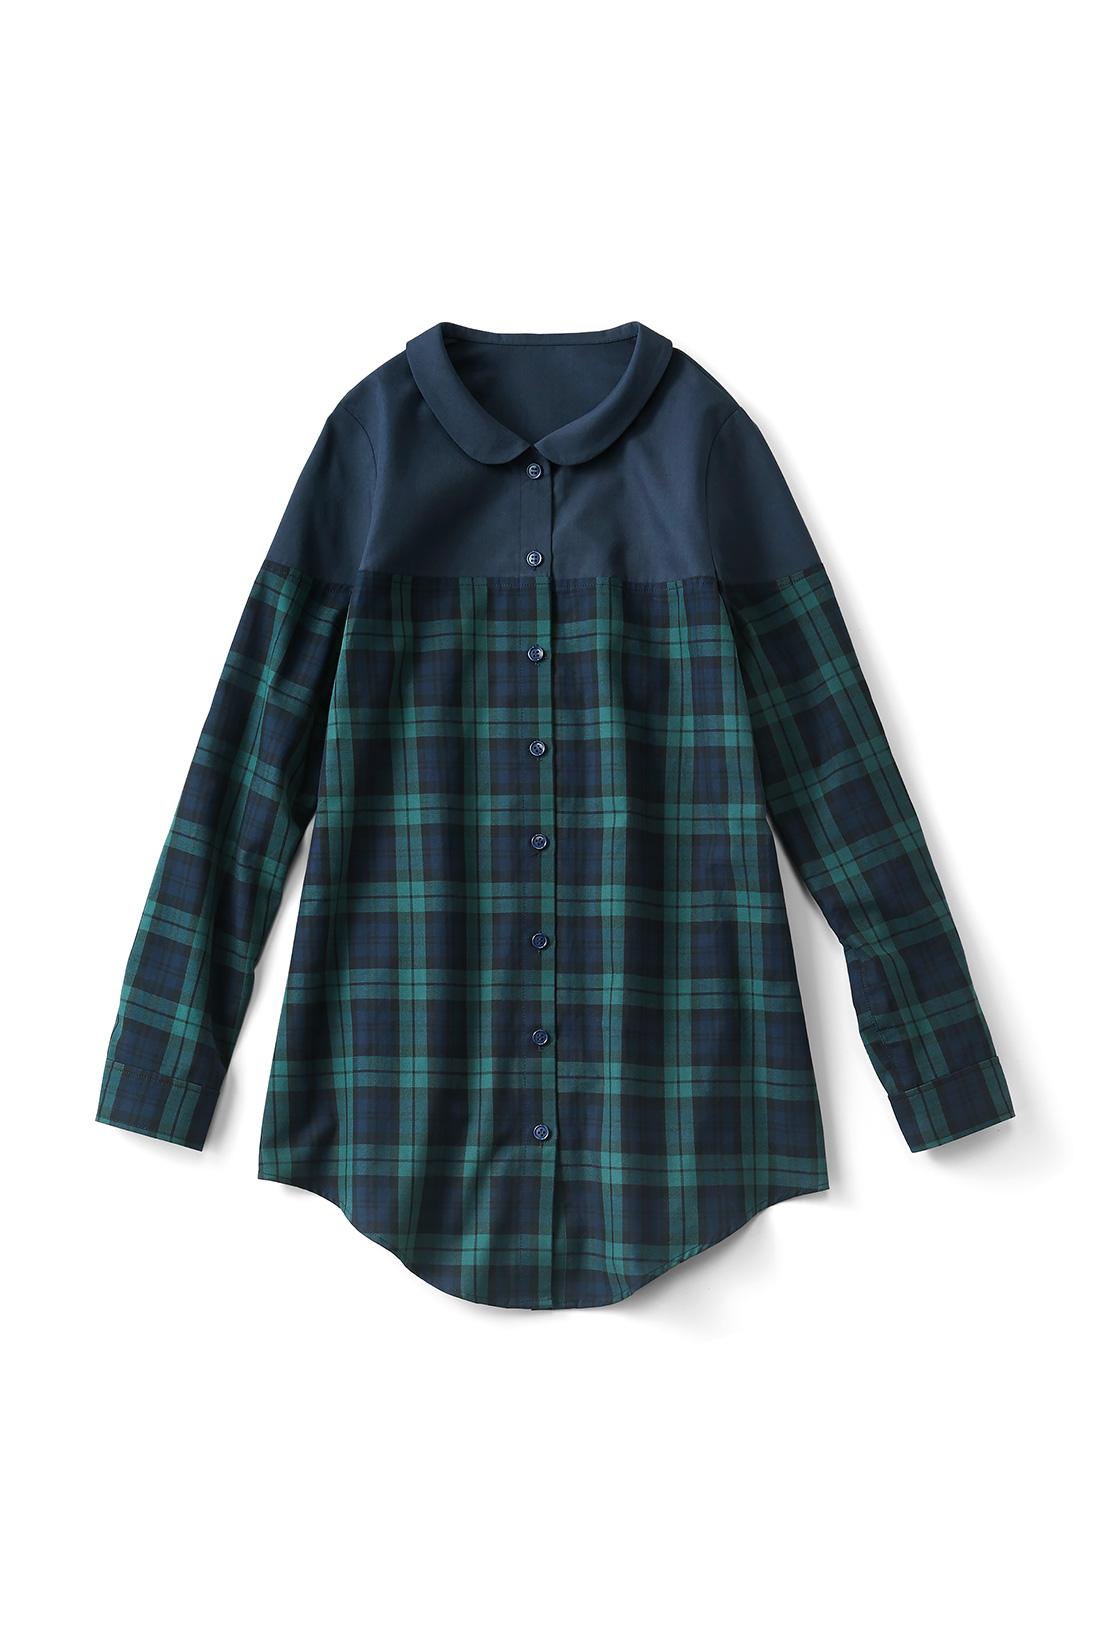 【ネイビー/ブラックウォッチ】ボリュームボトムを合わせてトレンドの着こなしにする? それともスキニーですっきり着やせを目指しちゃう?